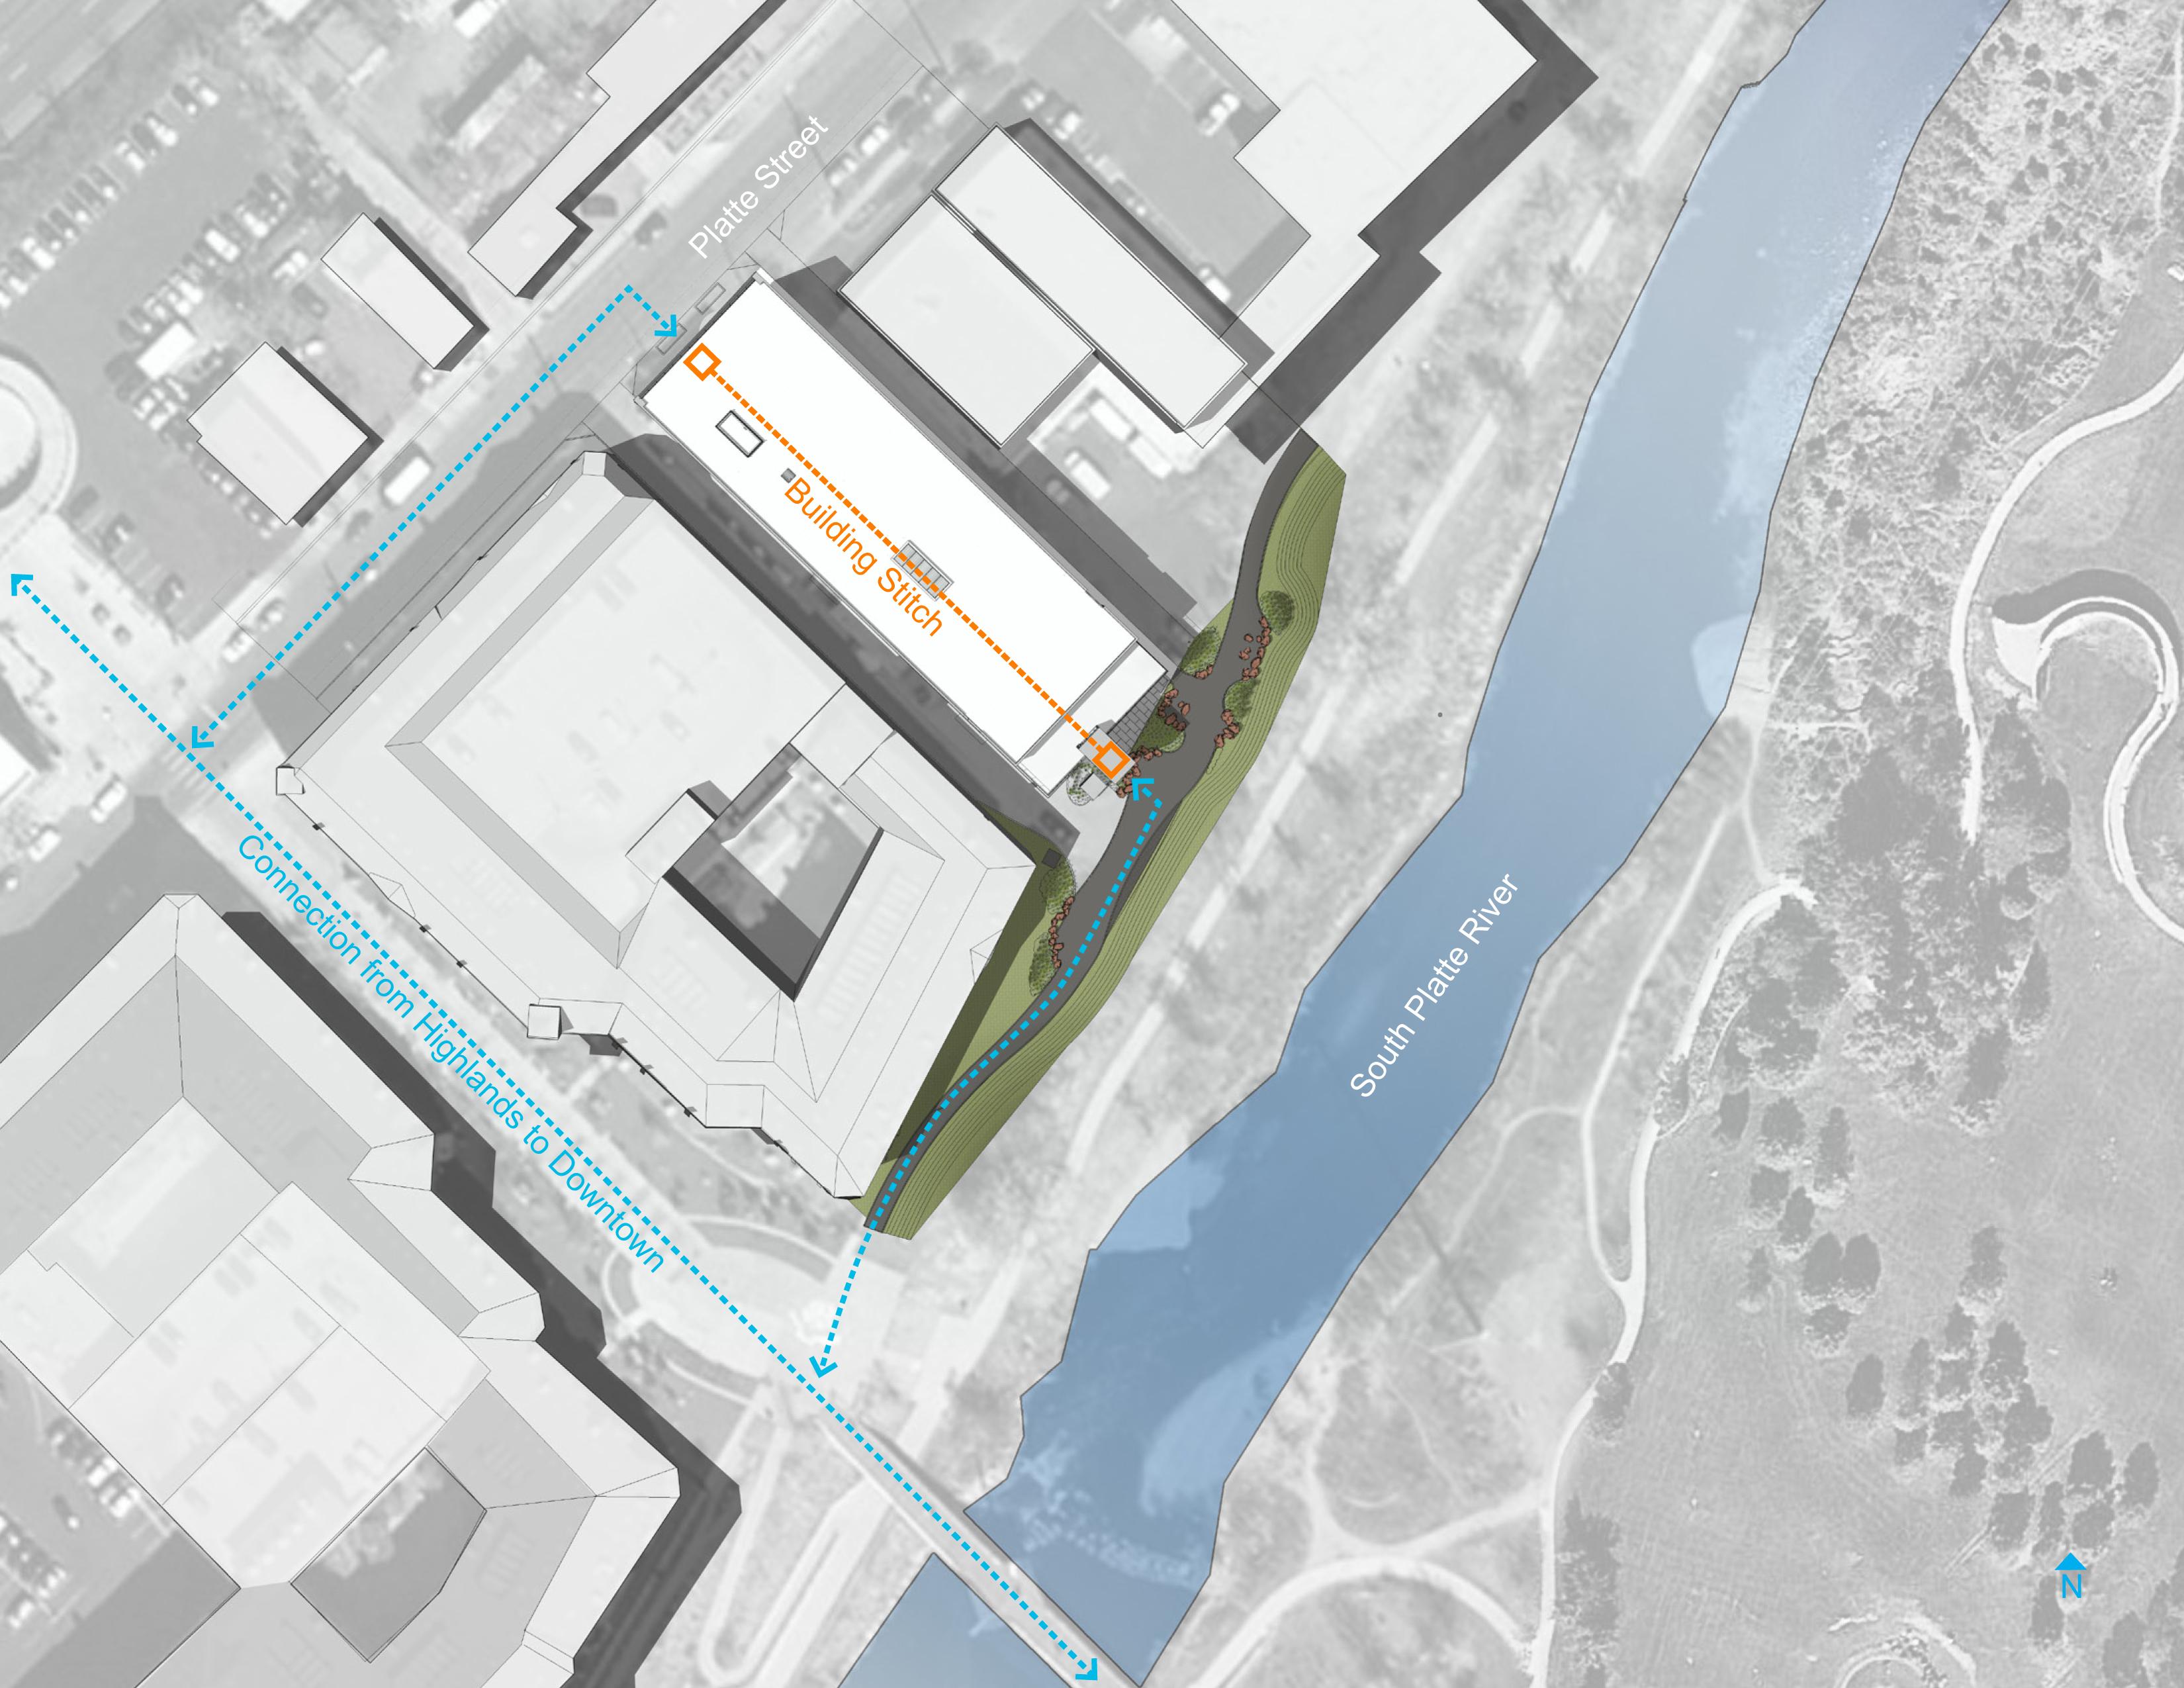 open studio architecture the nichols building site diagram OSA